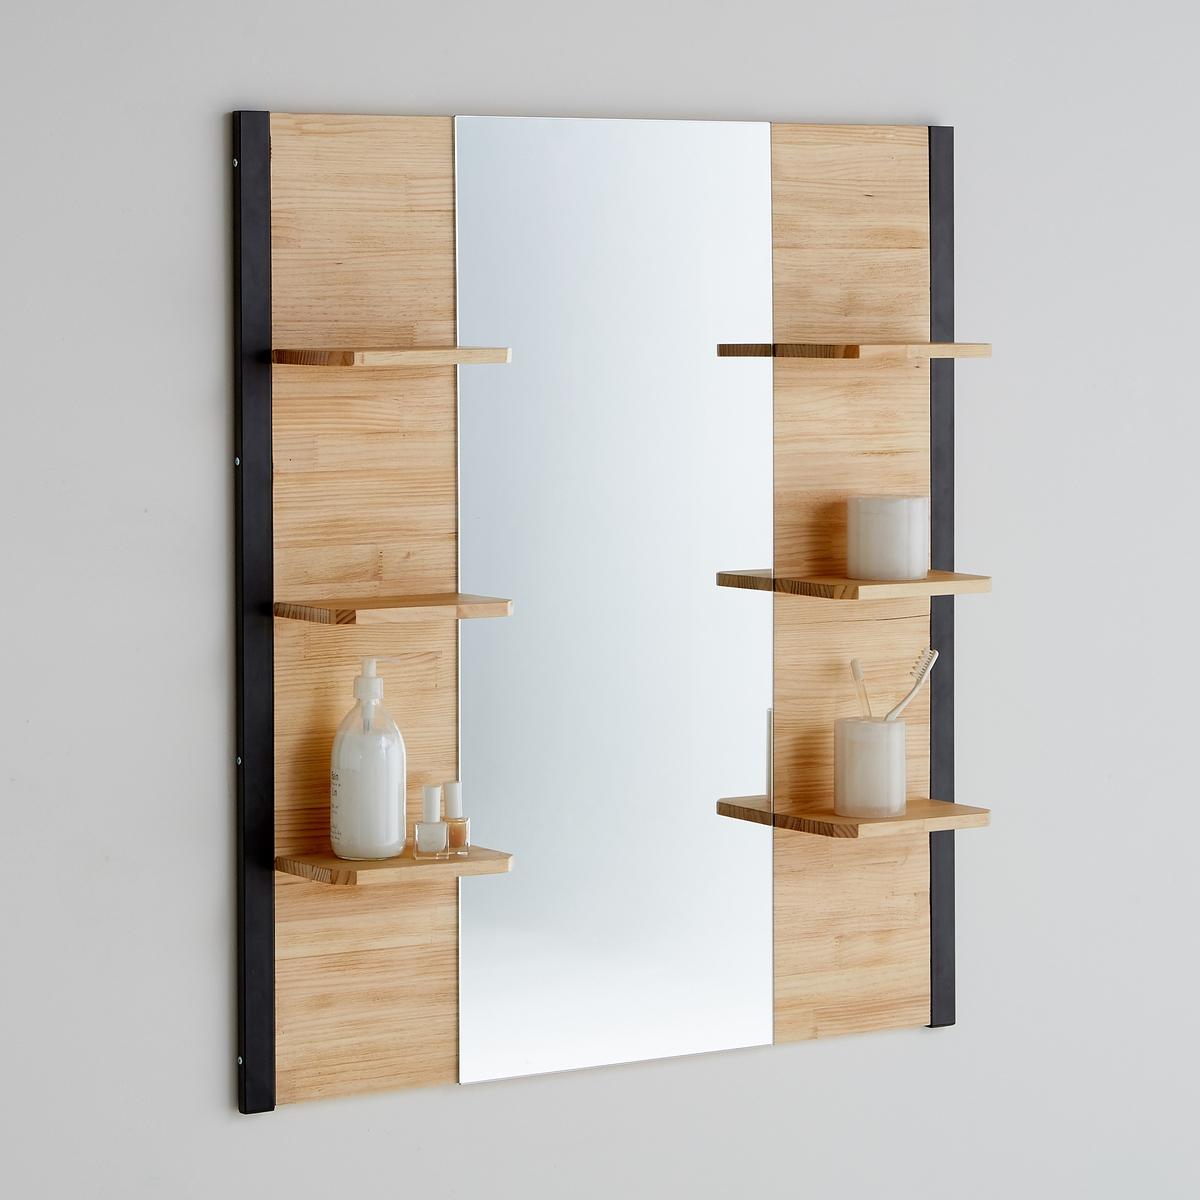 Зеркало для ванной комнаты, HibaОписание:- 1 зеркало по центру.- 6 полочек.- Можно просто повесить на стену и/или совместить со столом-тумбой Hiba, который продаётся на нашем сайте.Характеристики:- Металлическая каркас, отделка порошковой эпоксидной чёрной матовой краской.- Полки из сосны, отделка нитроцеллюлозным лаком, толщ. 15 мм.Откройте для себя всю коллекцию  Hiba на laredoute.ru.Размеры:Общие:- Ширина: 90 см- Глубина: 14,5 см-  Высота: 100 см.Зеркало :  40 x 100 см.Размеры этажерки:  21,2 x 13 см.Размеры и вес в упаковке :1 упаковка. Шир. 108,5 x Гл. 56 x Выс. 8 см. 15,3 кг.Доставка:Эта модель Hiba продаётся готовой к сборке.  Возможна доставка до квартиры!Внимание! Убедитесь в том, что посылку возможно доставить на дом, учитывая ее габариты.<br><br>Цвет: серо-бежевый